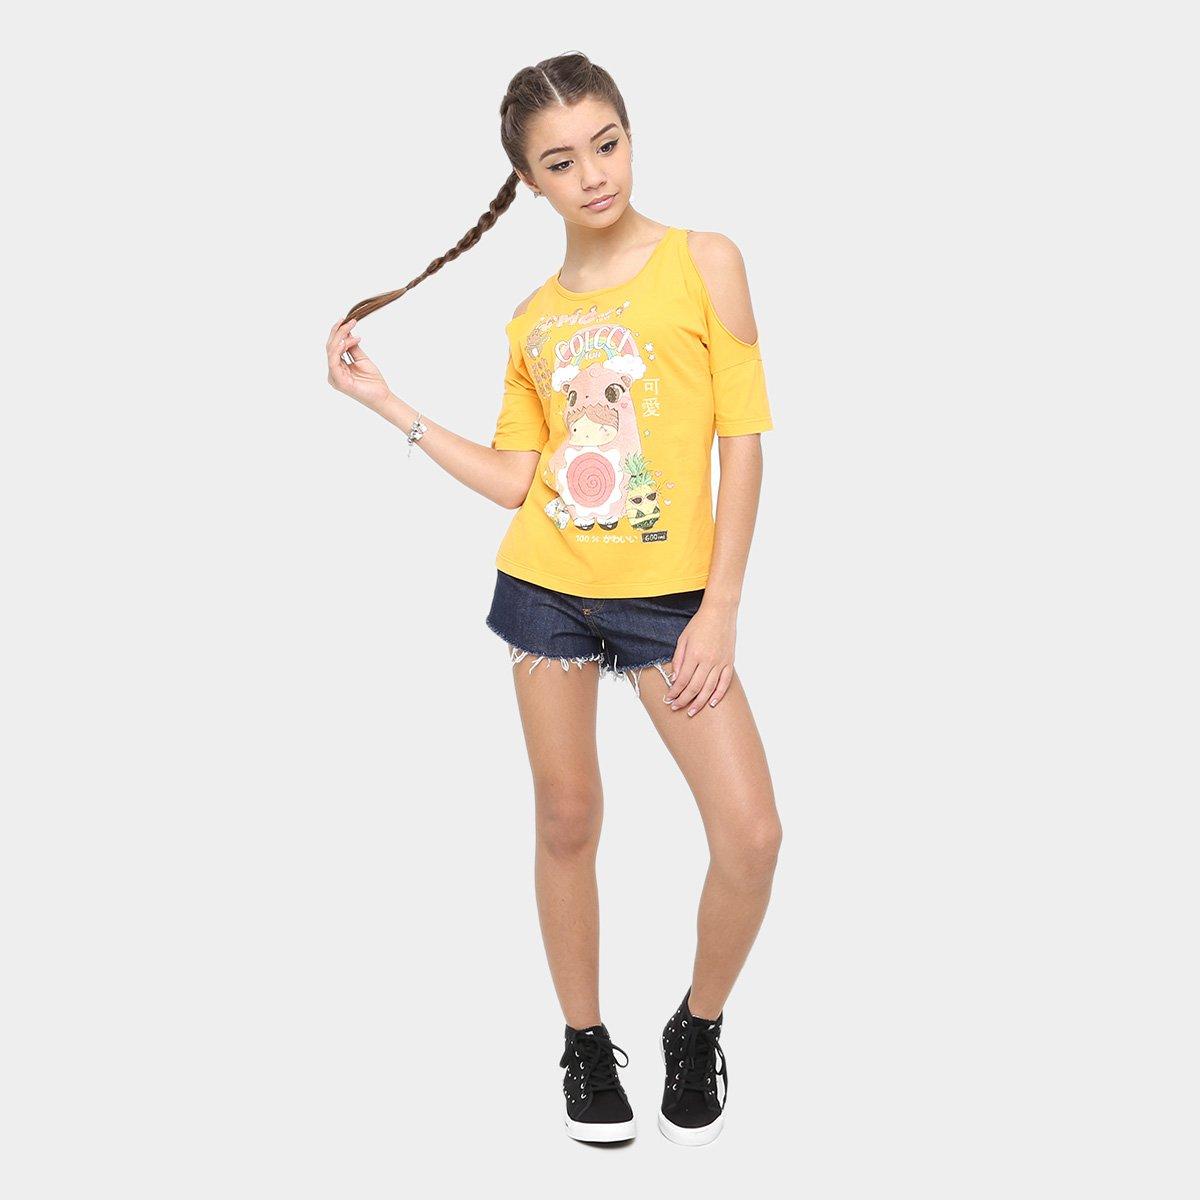 Fun Amarelo Camiseta Infantil Colcci Infantil Estampada Colcci Camiseta Fun Feminina Estampada SvwB1qw0